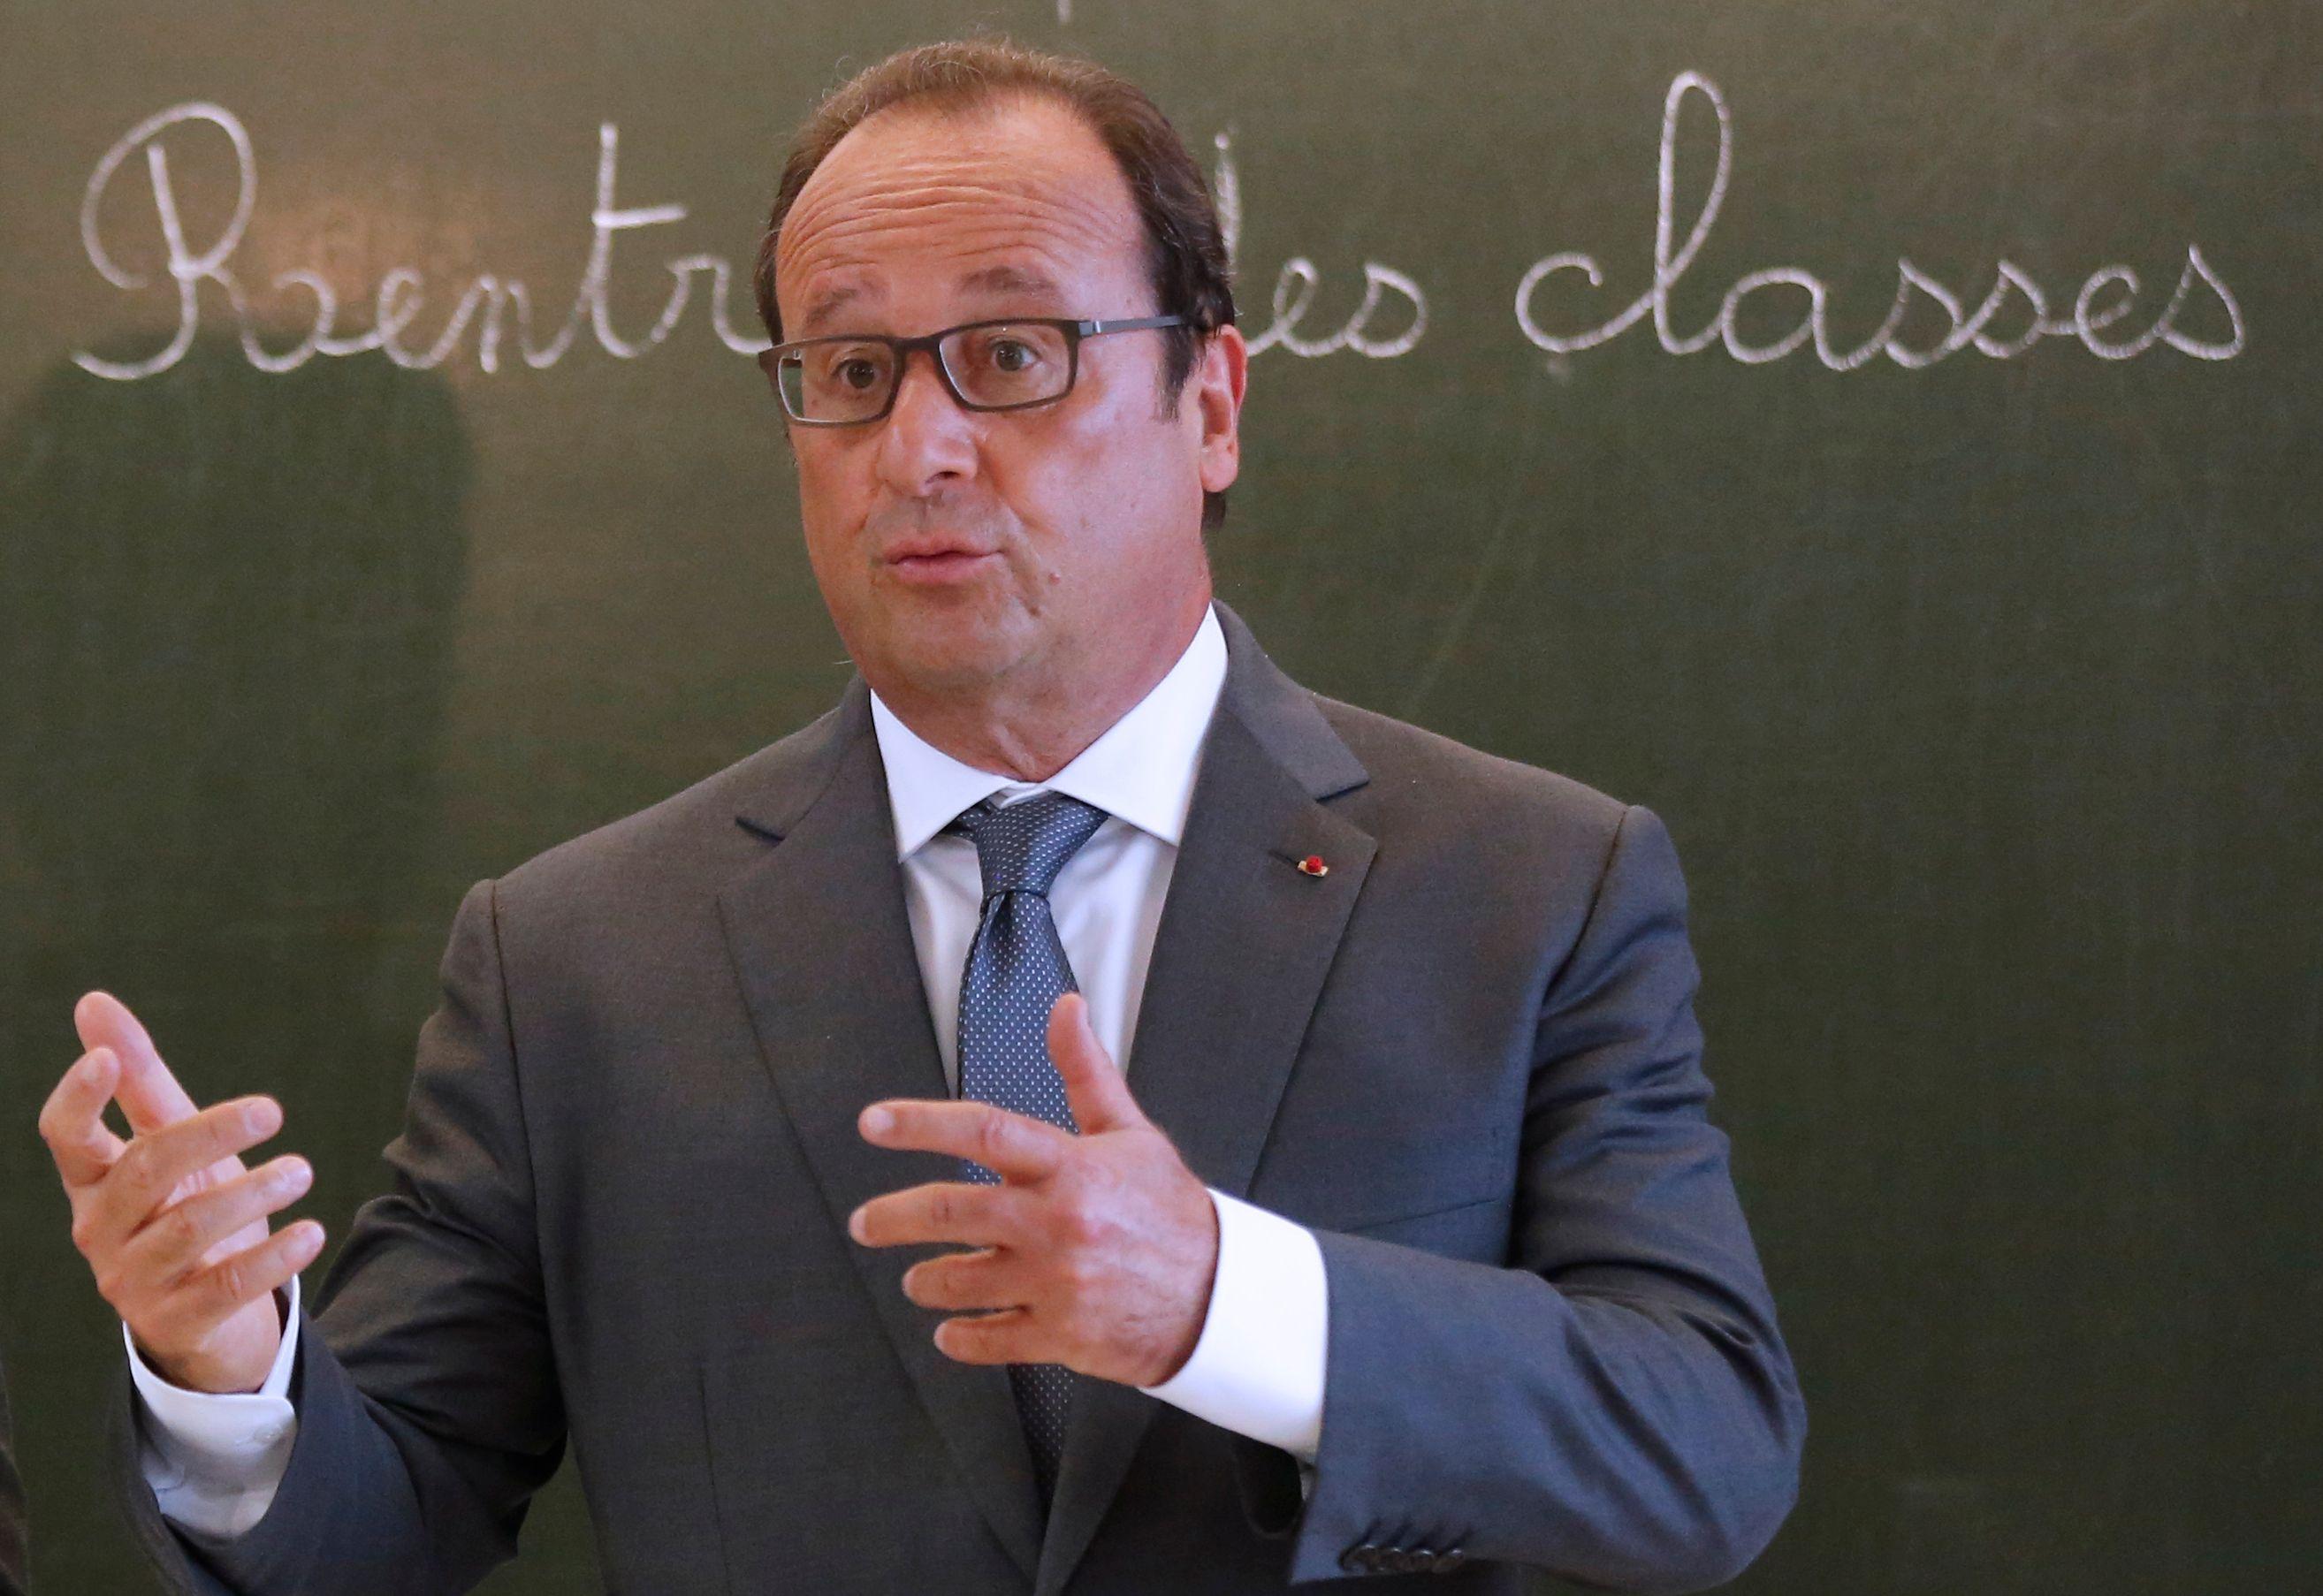 Discours alambiqué et truffé de fautes : François Hollande parle-t-il français ?